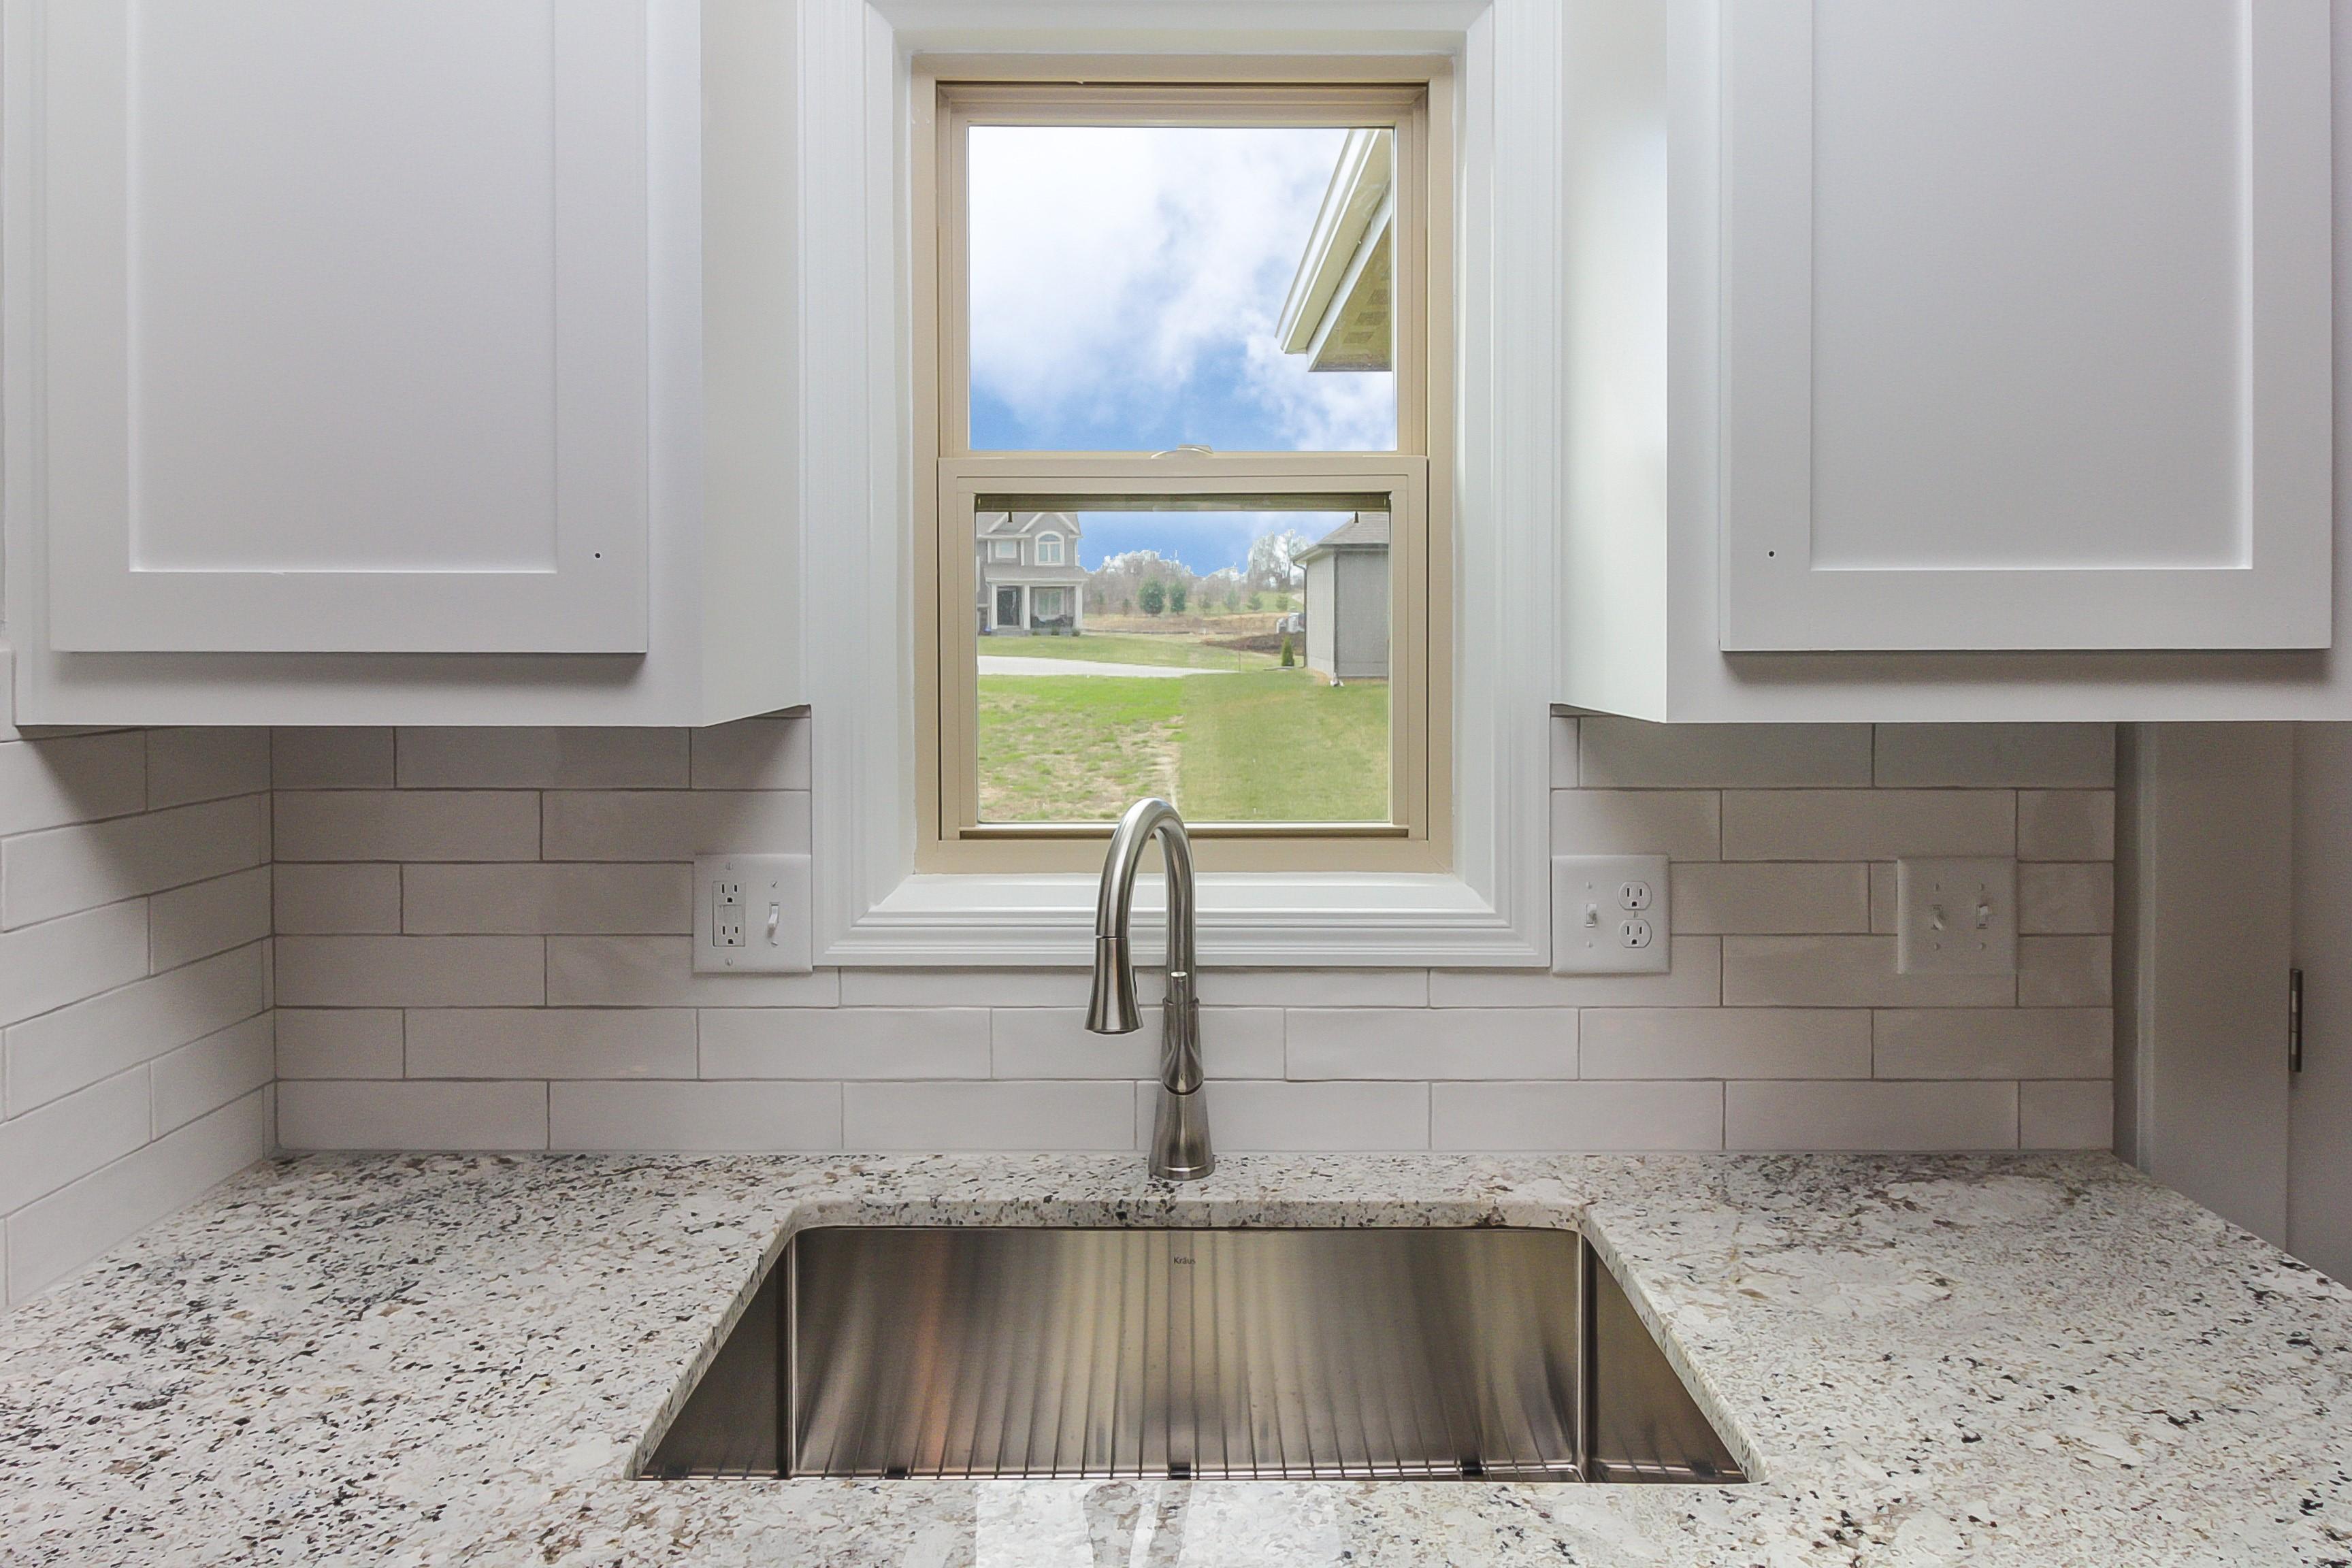 010_Kitchen_Sink View